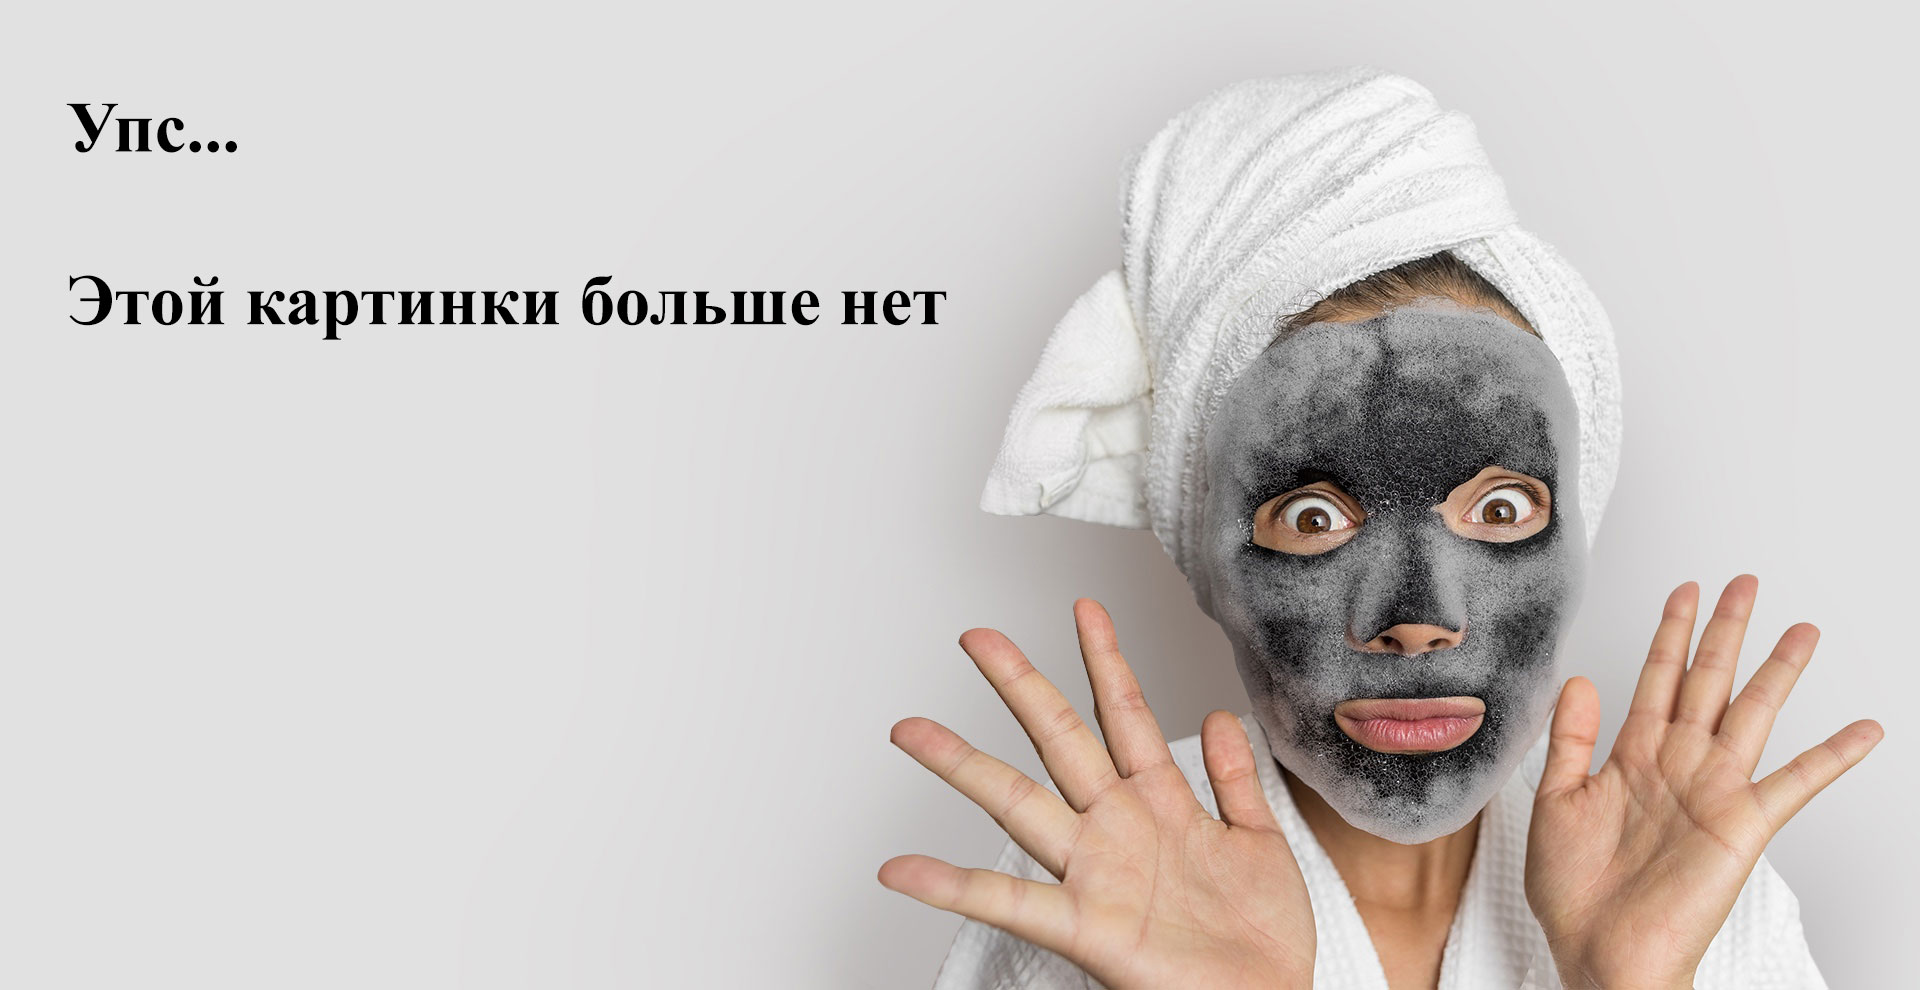 Travopar, Молочко для снятия макияжа Pantohematogen, 150 мл